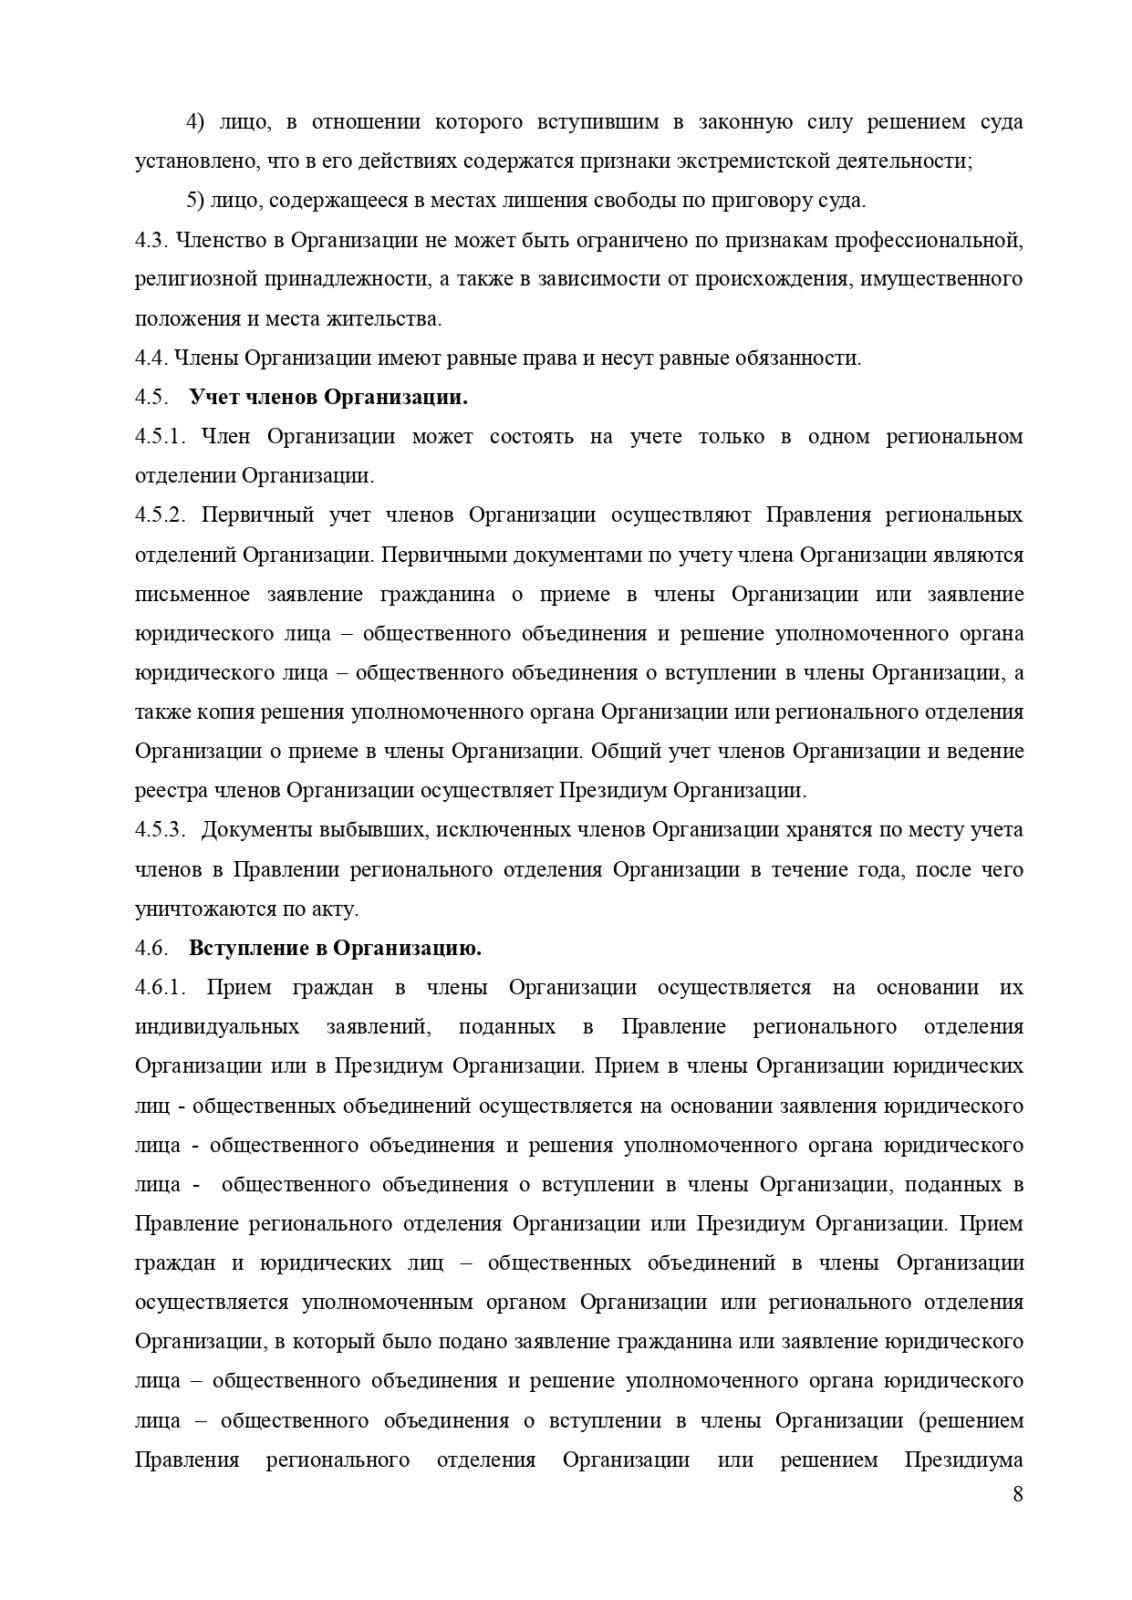 ustav_GKR_page-0008